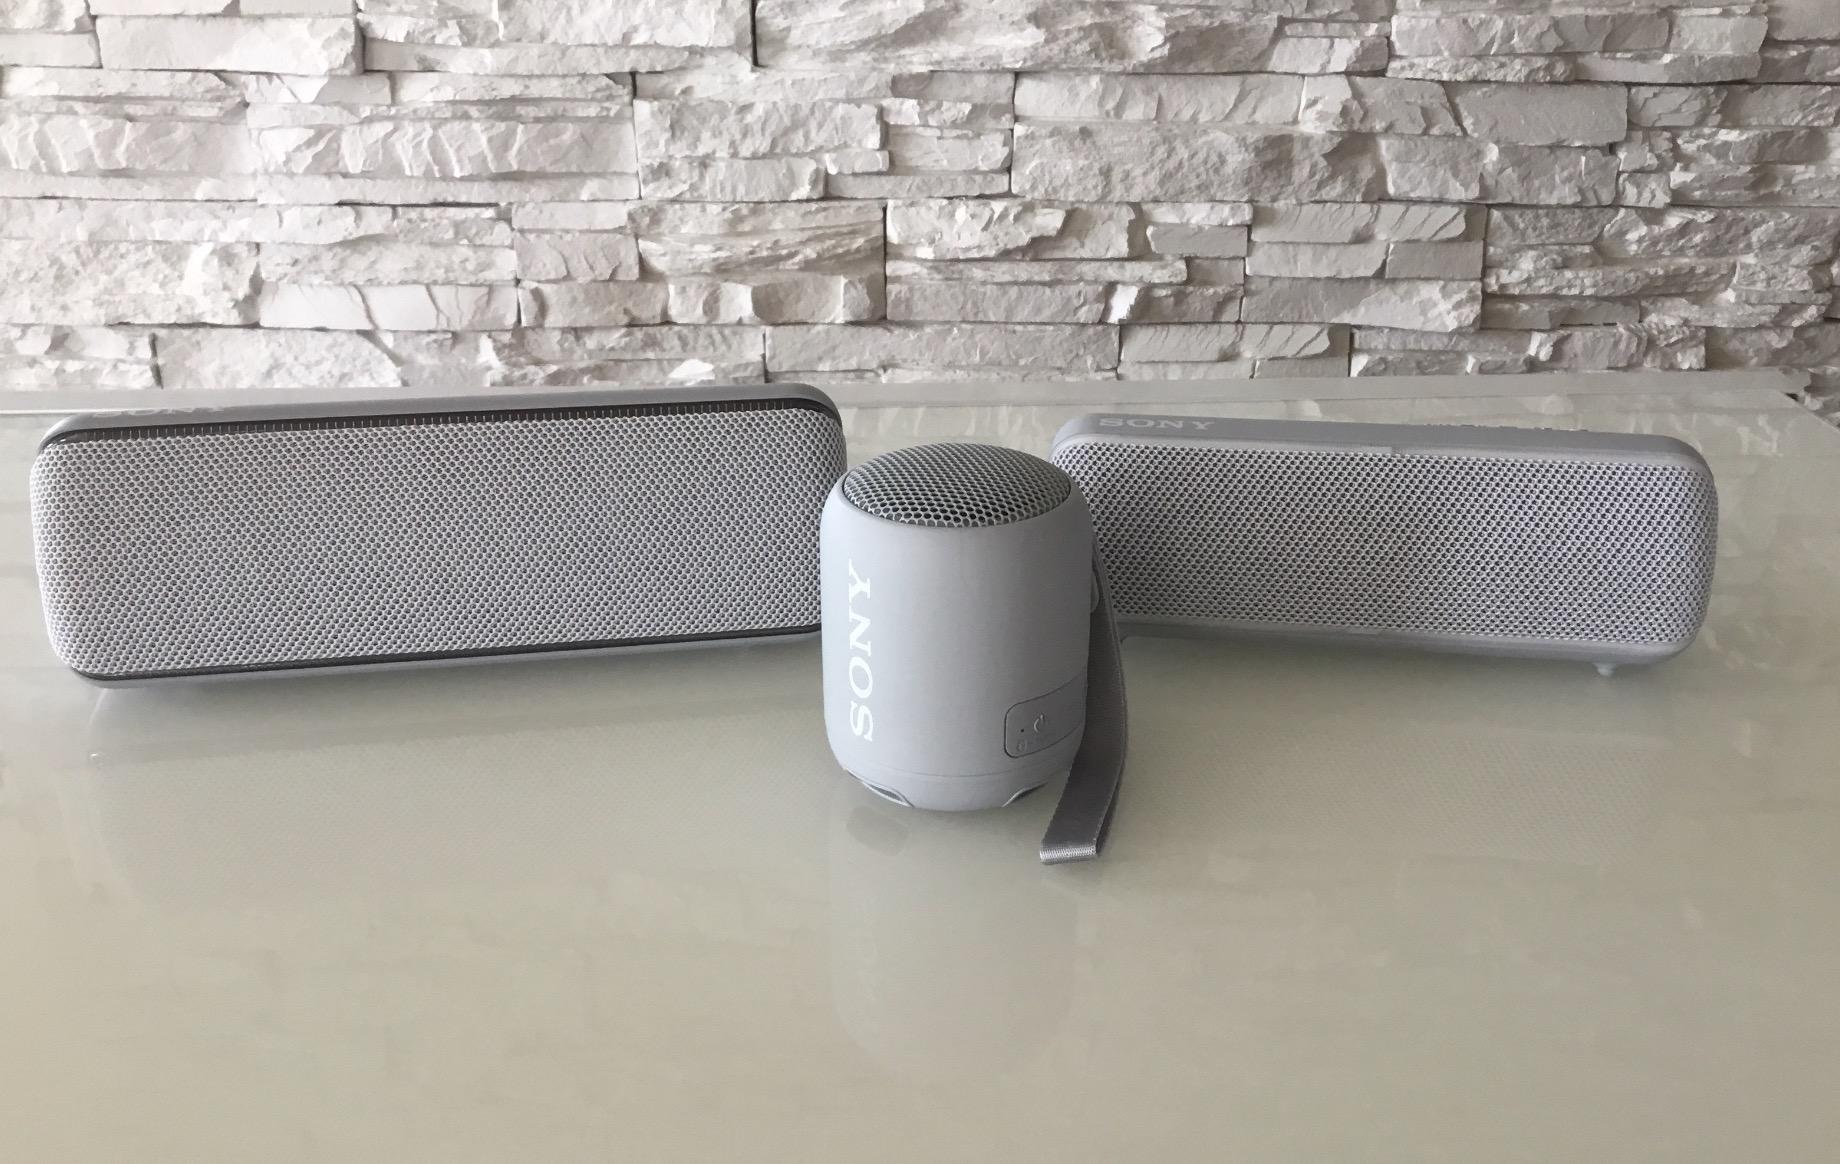 Haut-parleurs Bluetooth XB12, XB22 et XB32 de Sony